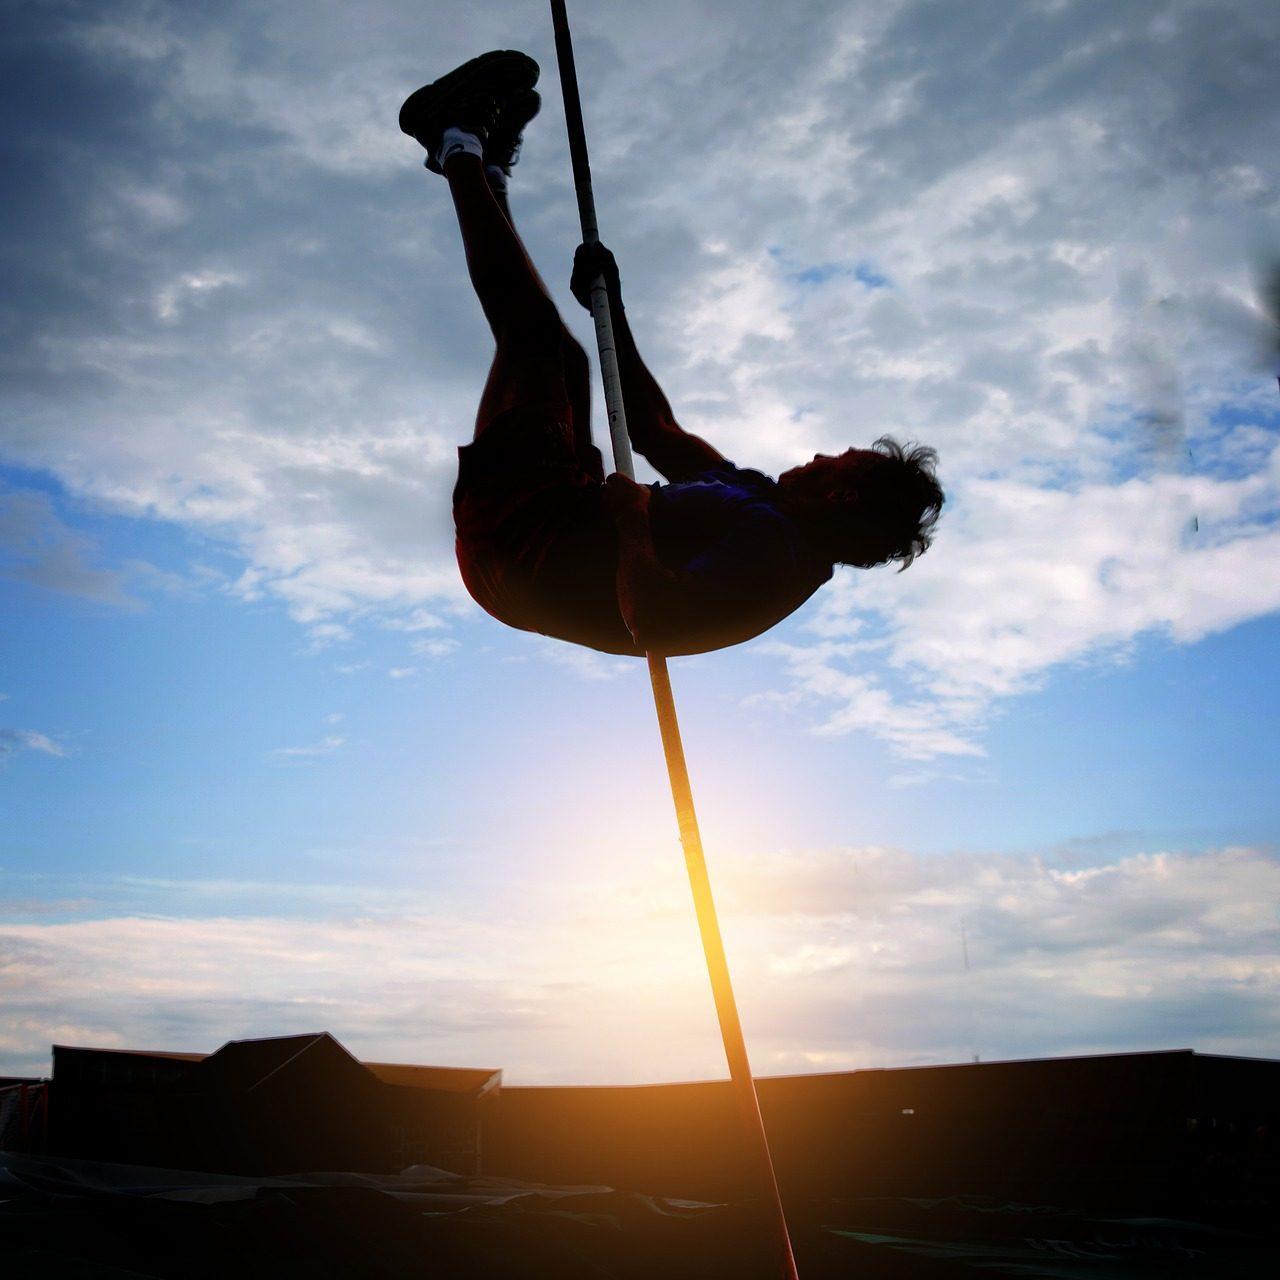 salto esfuerzo